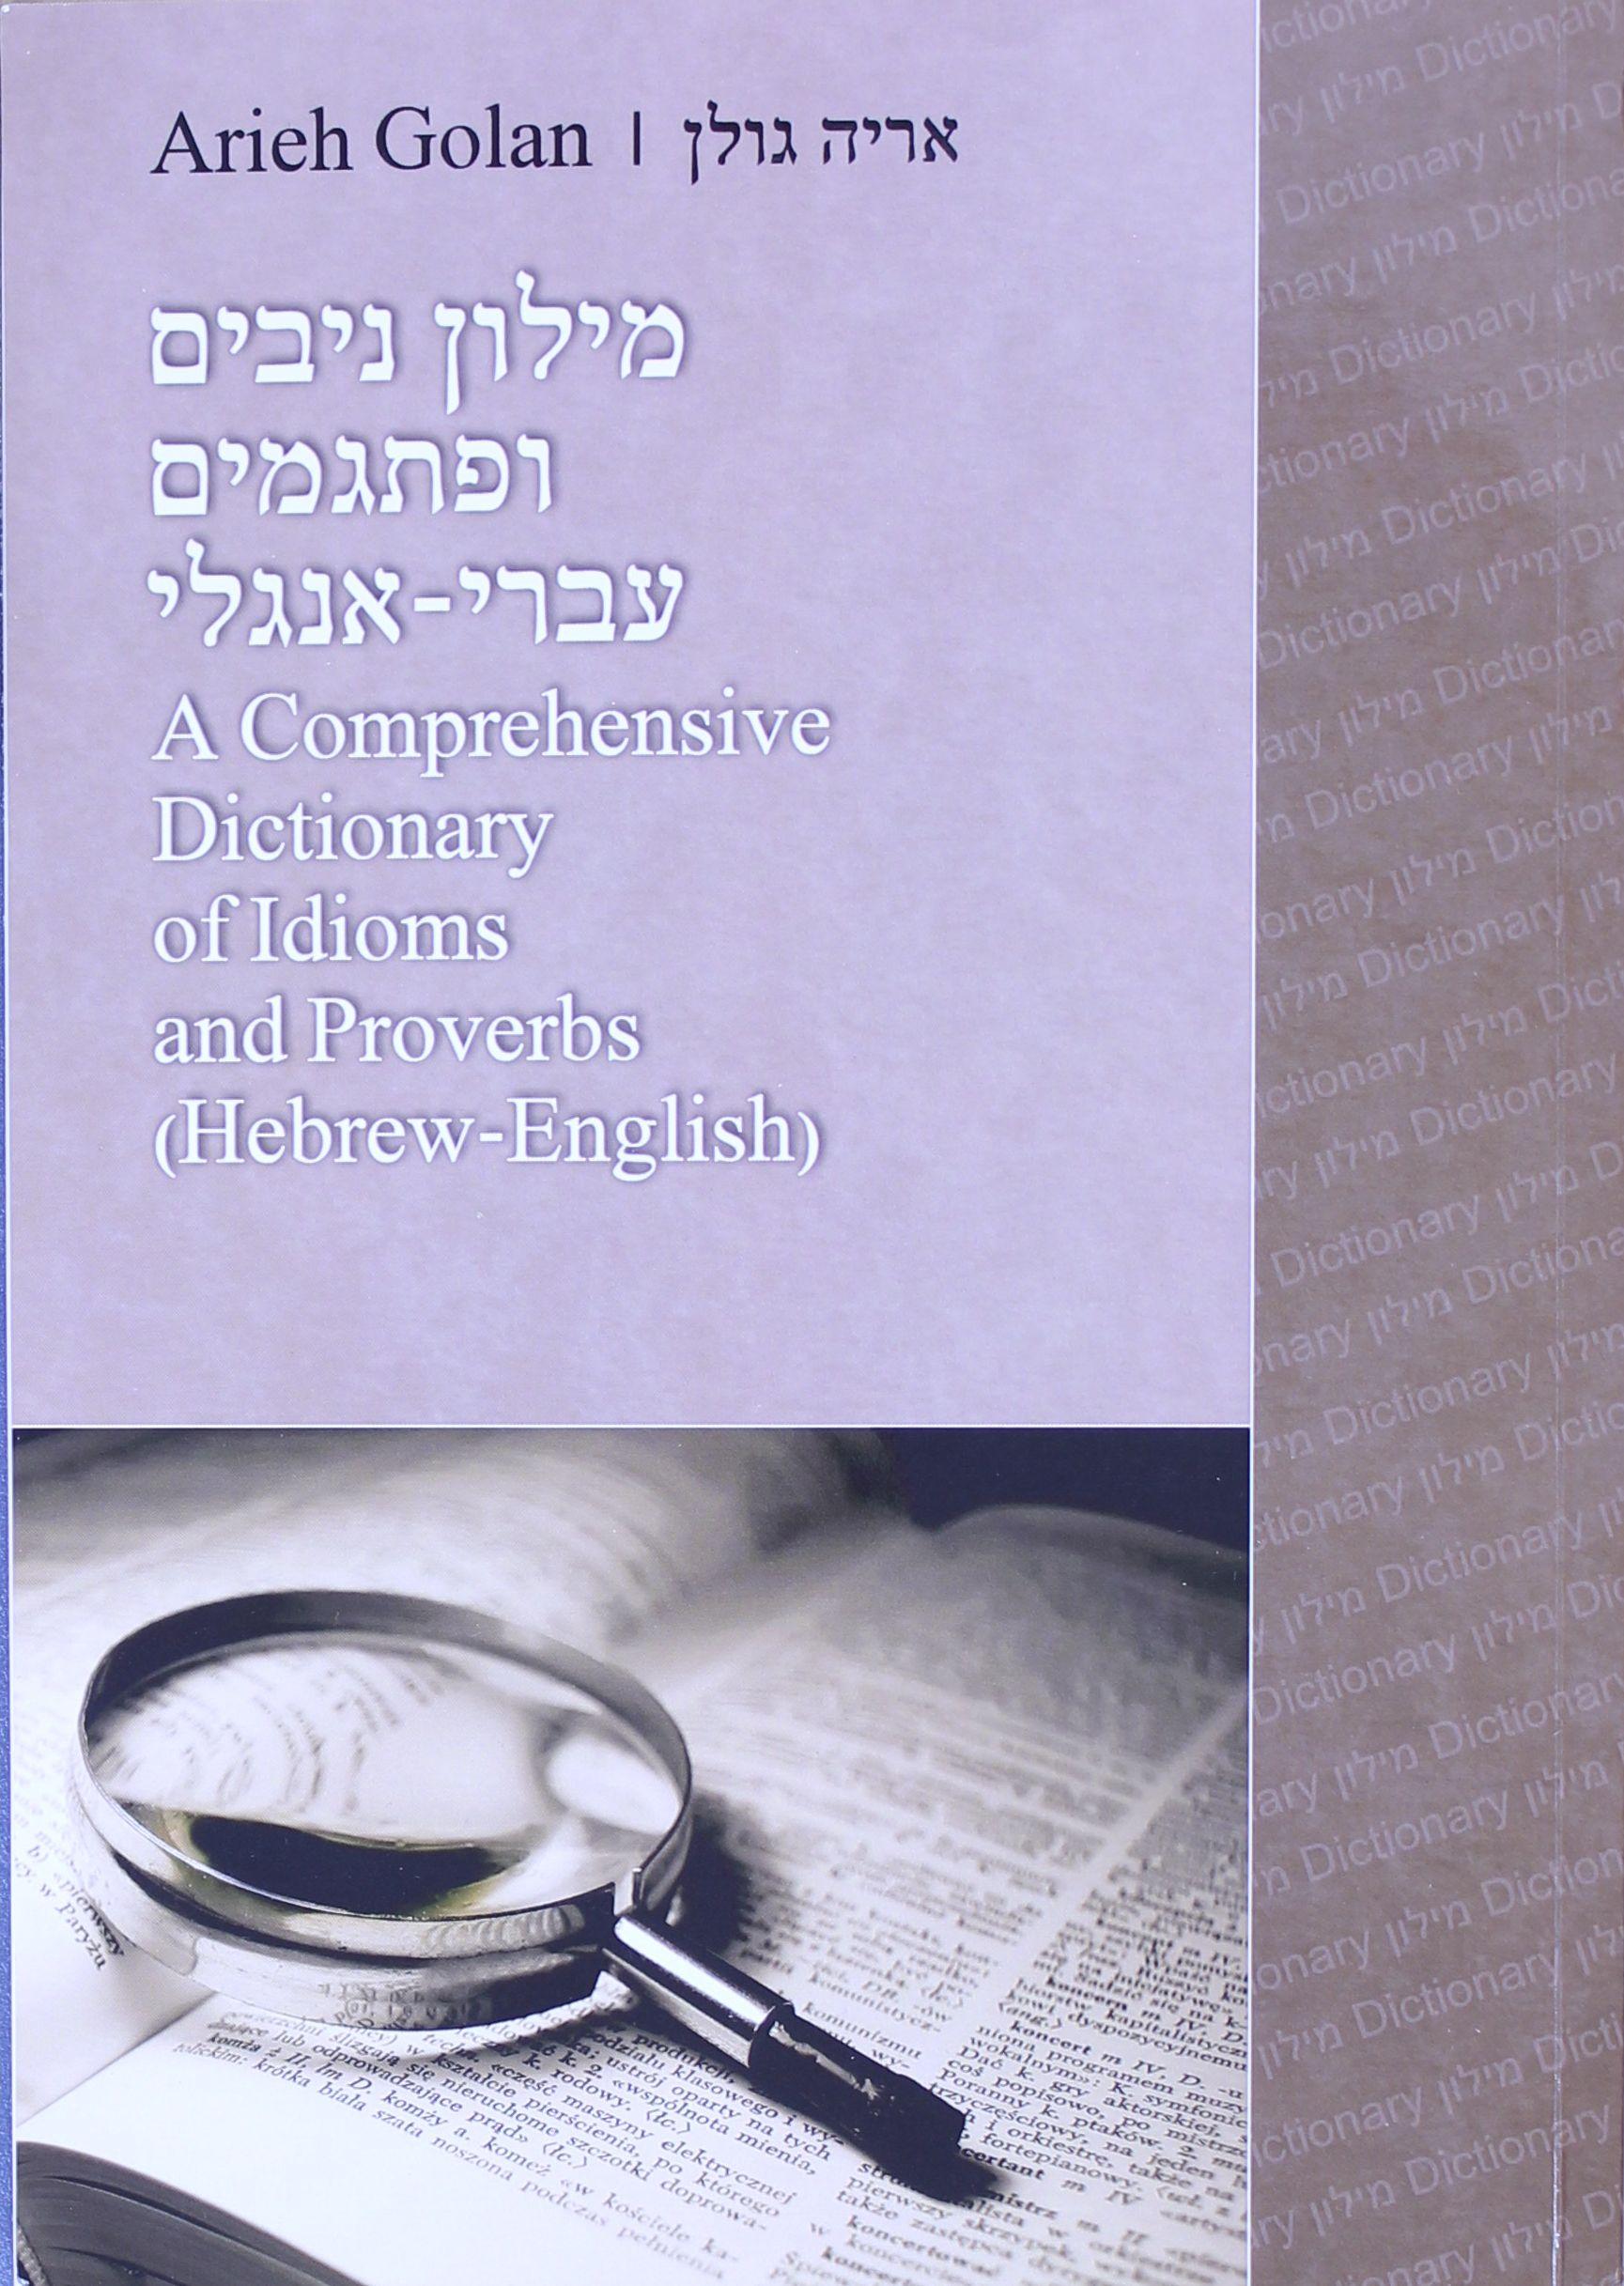 מילון ניבים ופתגמים עברי-אנגלי / אריה גולן ; עריכה לשונית: ניצה פלד – הספרייה הלאומית